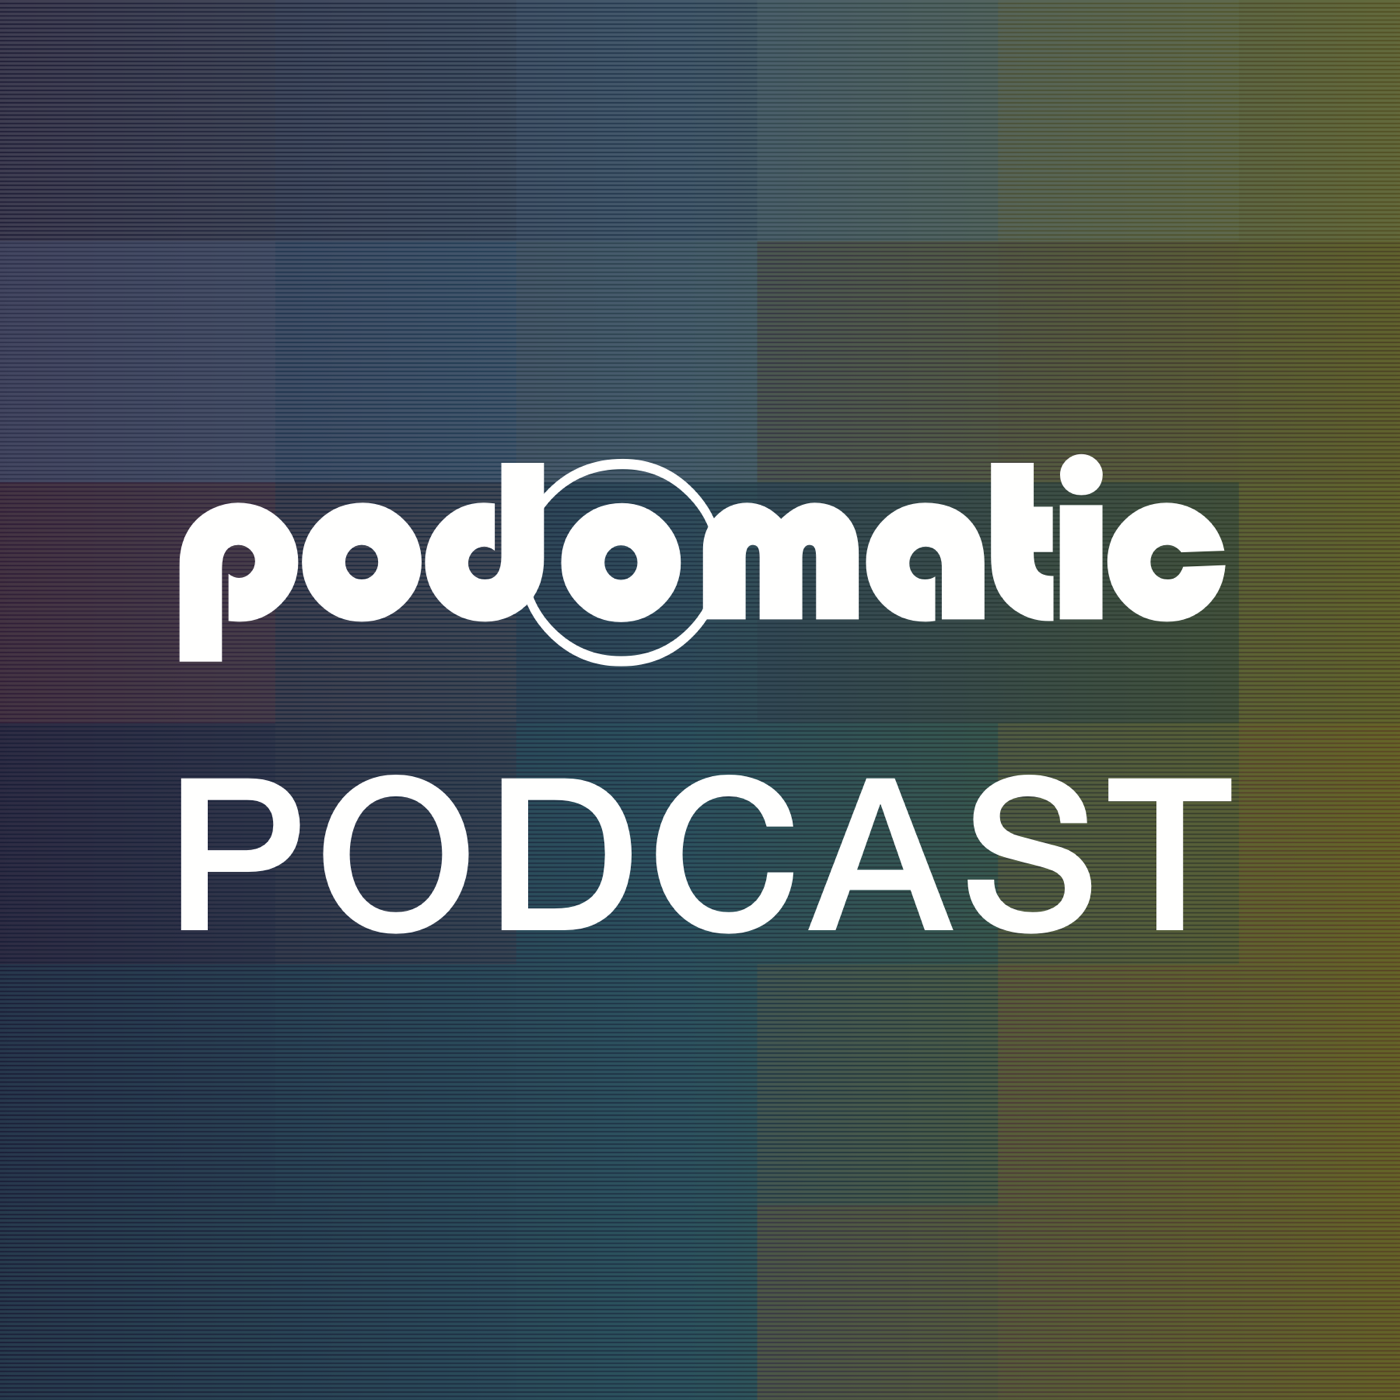 amila wijayawardema's Podcast